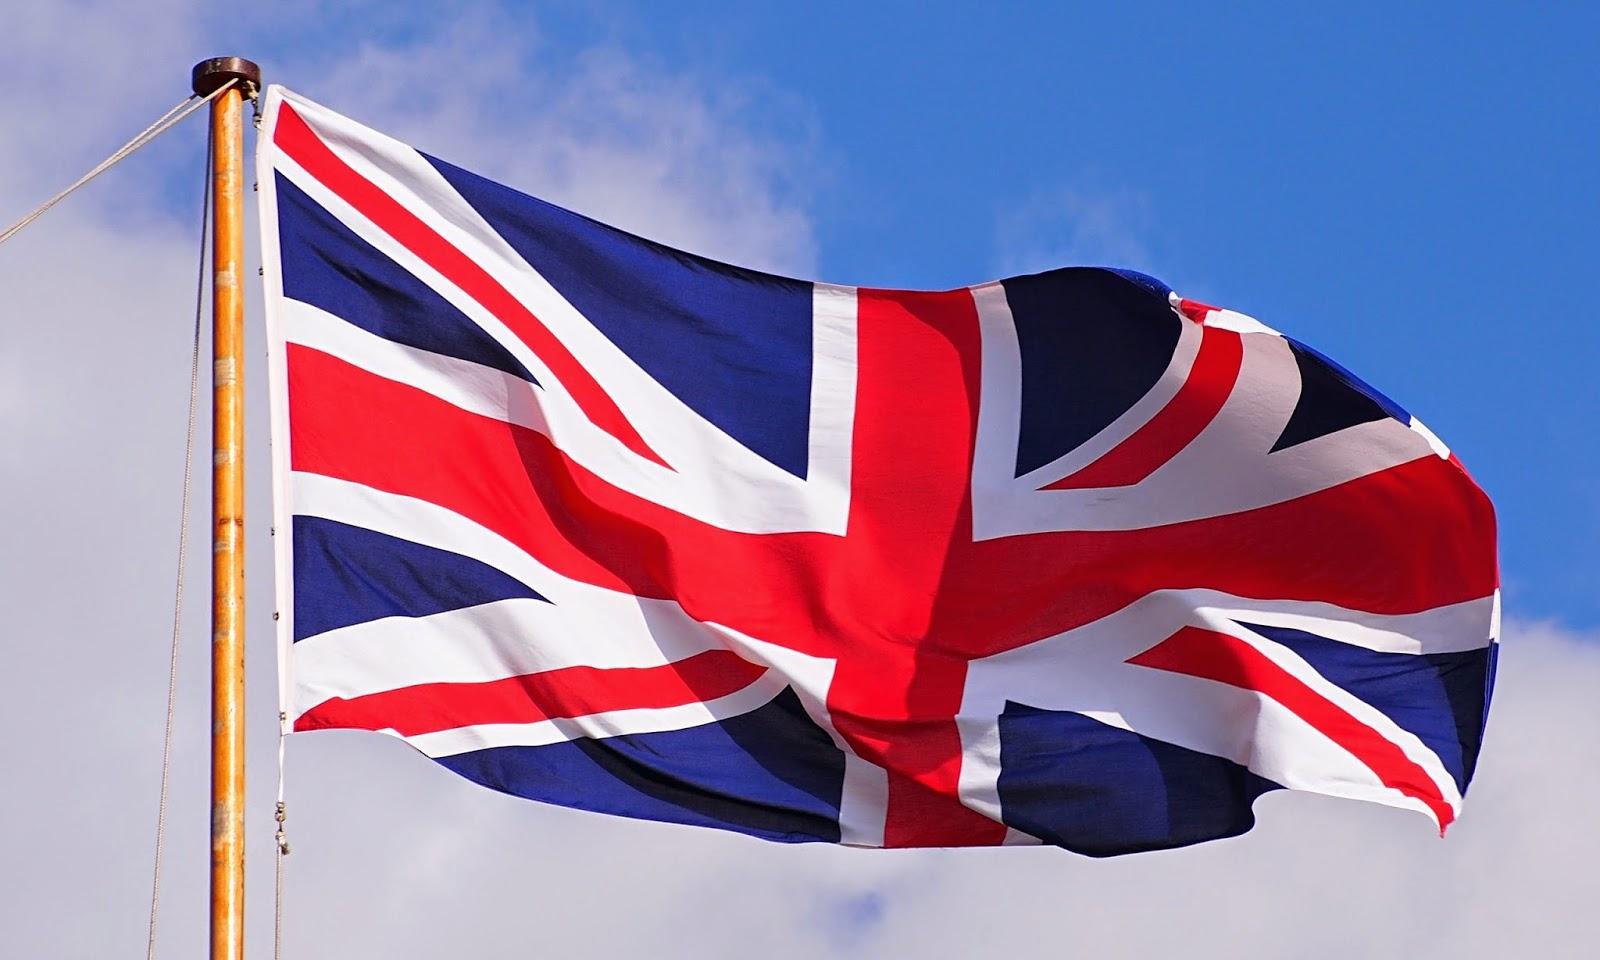 الحكومة البريطانية: سنمول عددا من مشاريع حقوق الإنسان في العراق خلال الفترة2017-2018